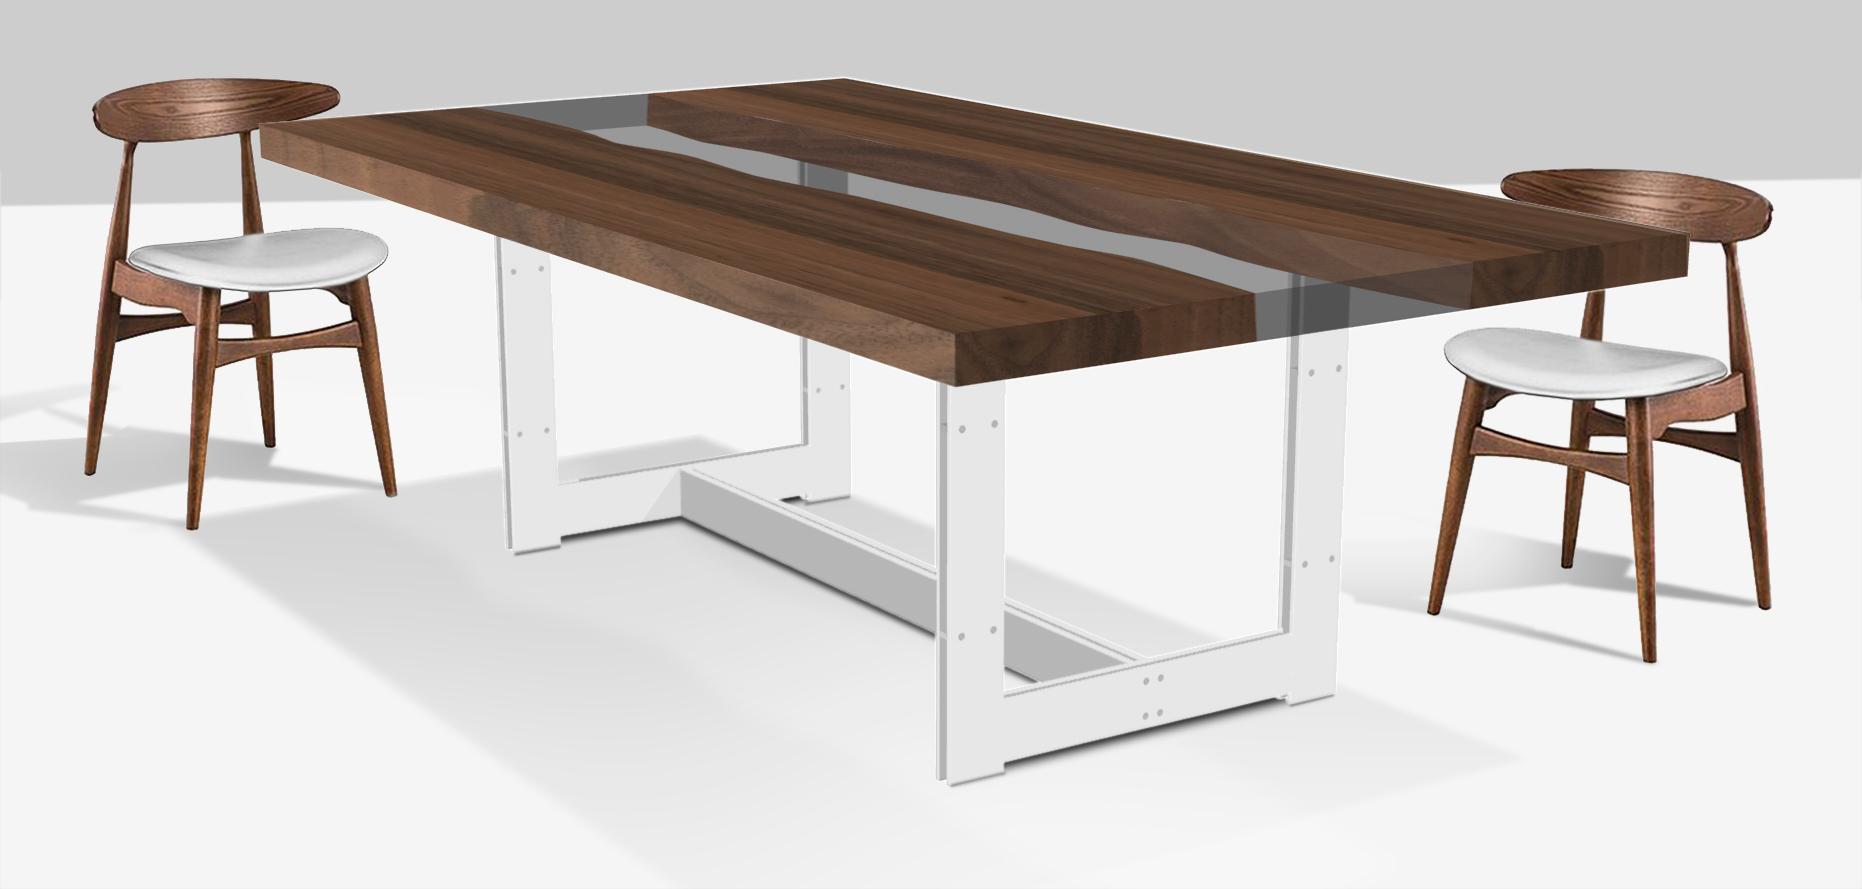 tavolo casarotto design legno noce nazionale resina 2